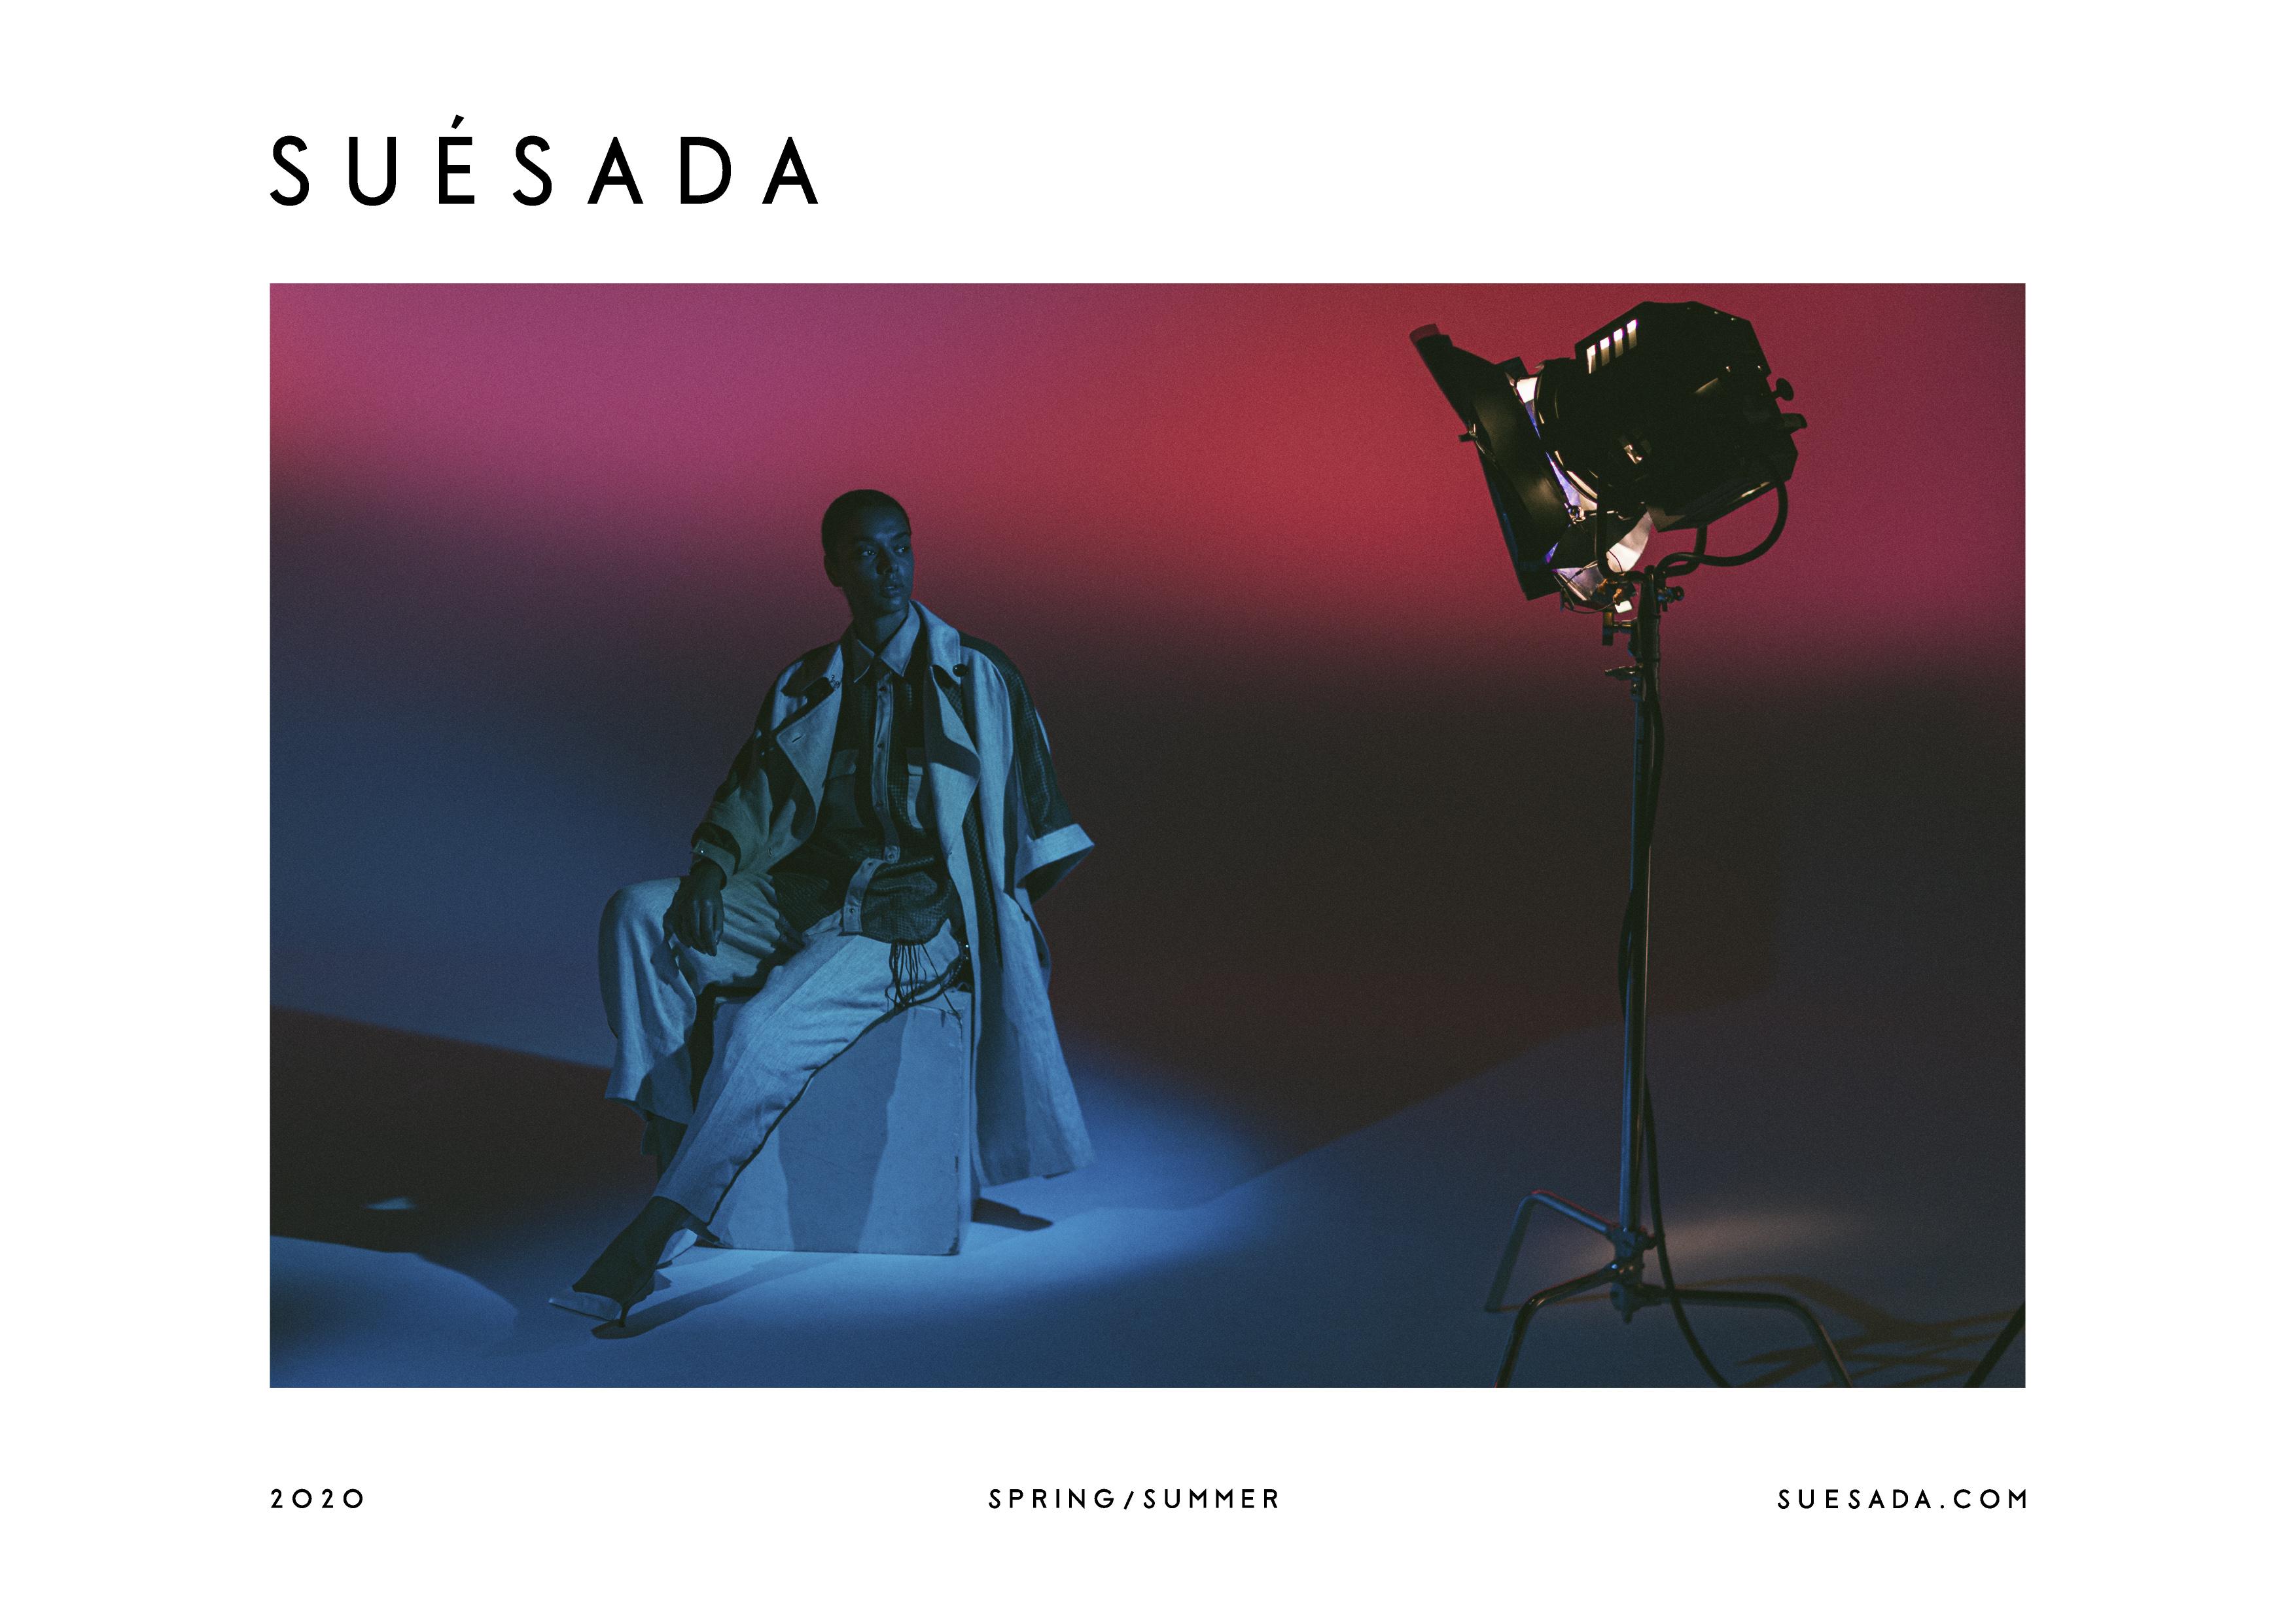 SUESADA (2020S/S)